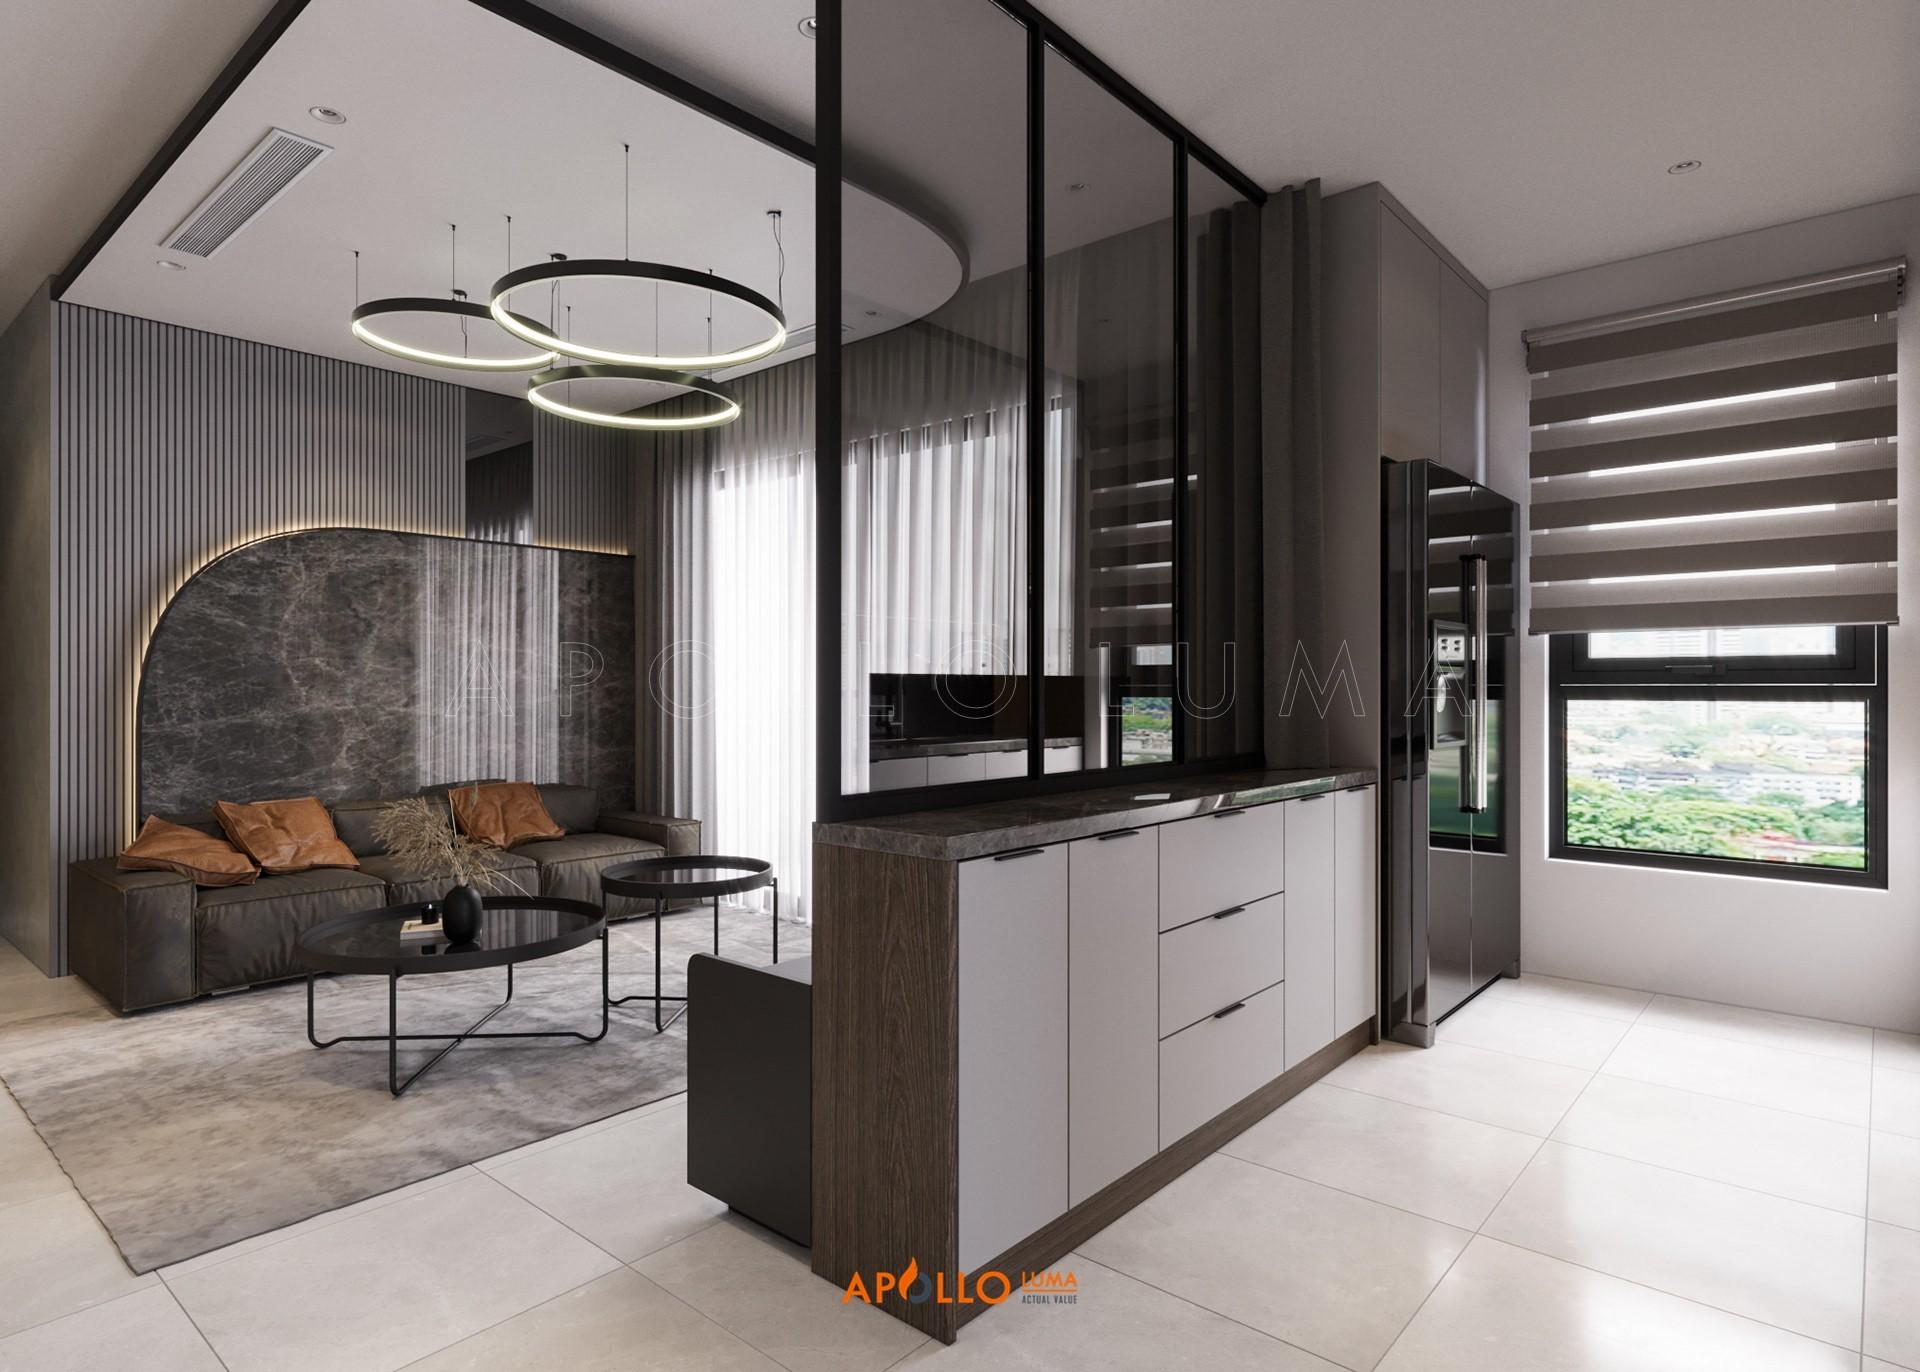 Thiết kế nội thất căn 3PN (80m2) SThiết kế nội thất căn 3PN (106m2) Vinhomes Smart City Tây Mỗ3.03-15A Vinhomes Smart City Tây Mỗ